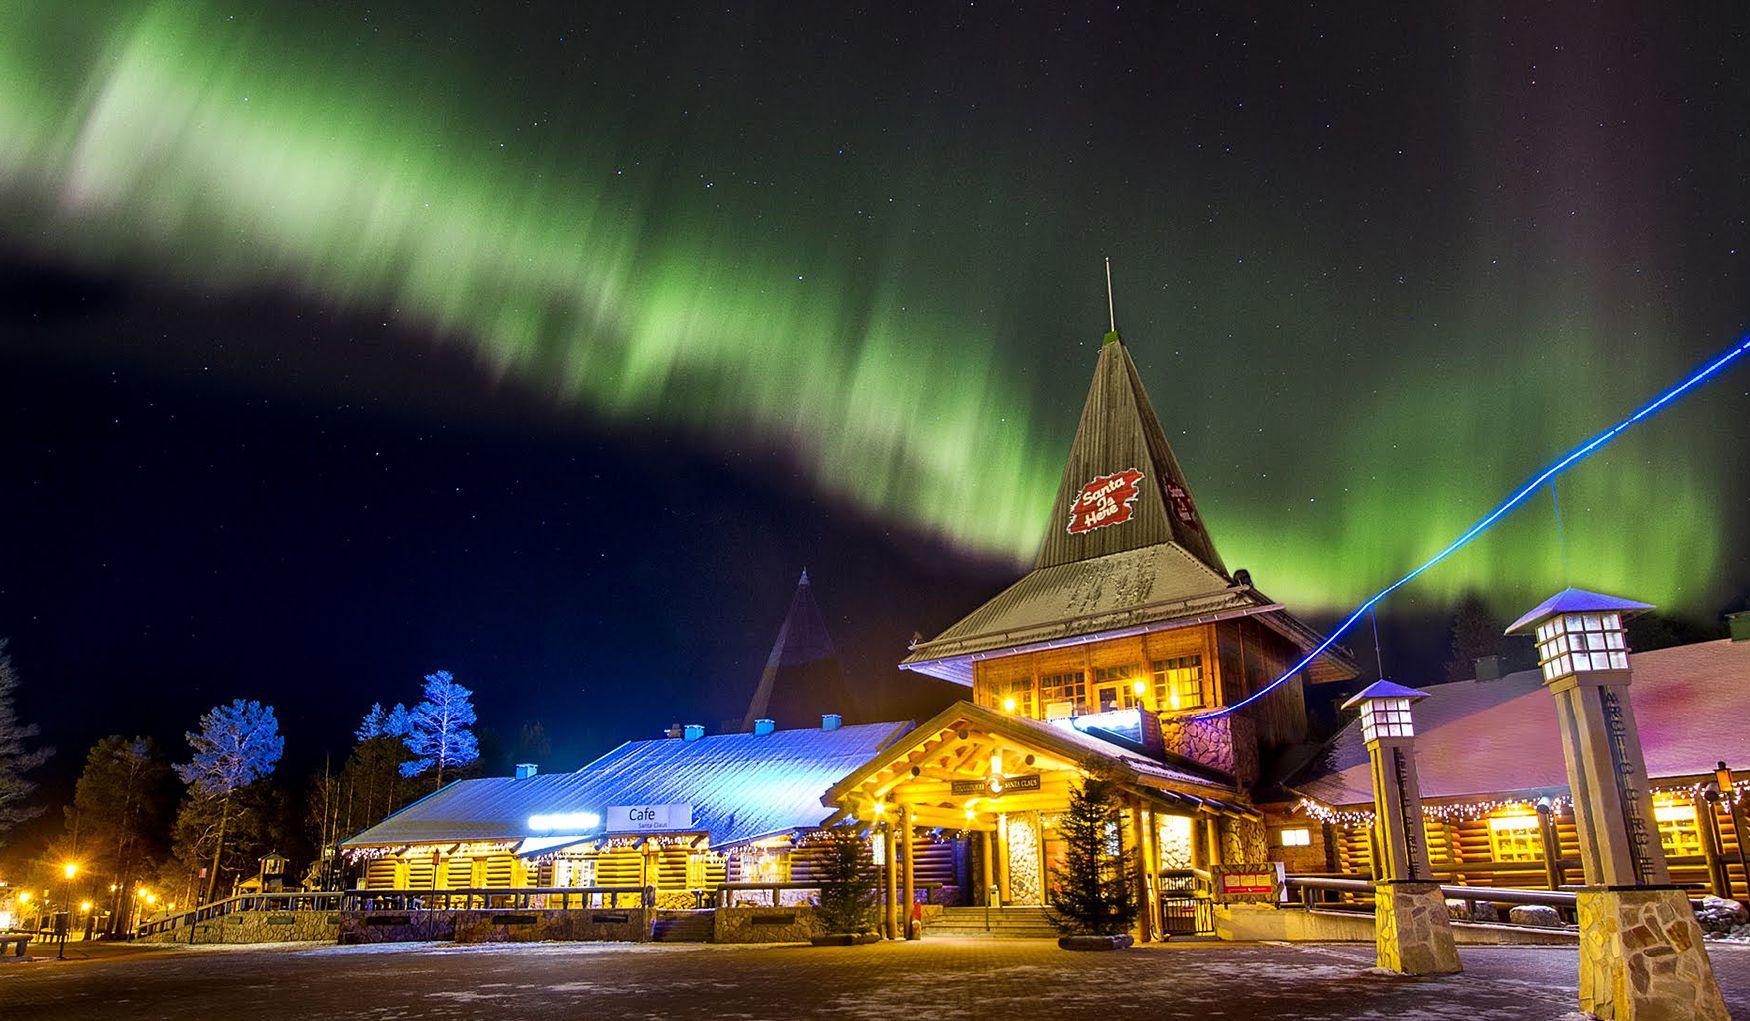 Финляндиz на Новый 2020 год Отдых в Финляндии на Новый 2020 год: туры, отели 2a4e1b165e9d6af96671cb68773b1815